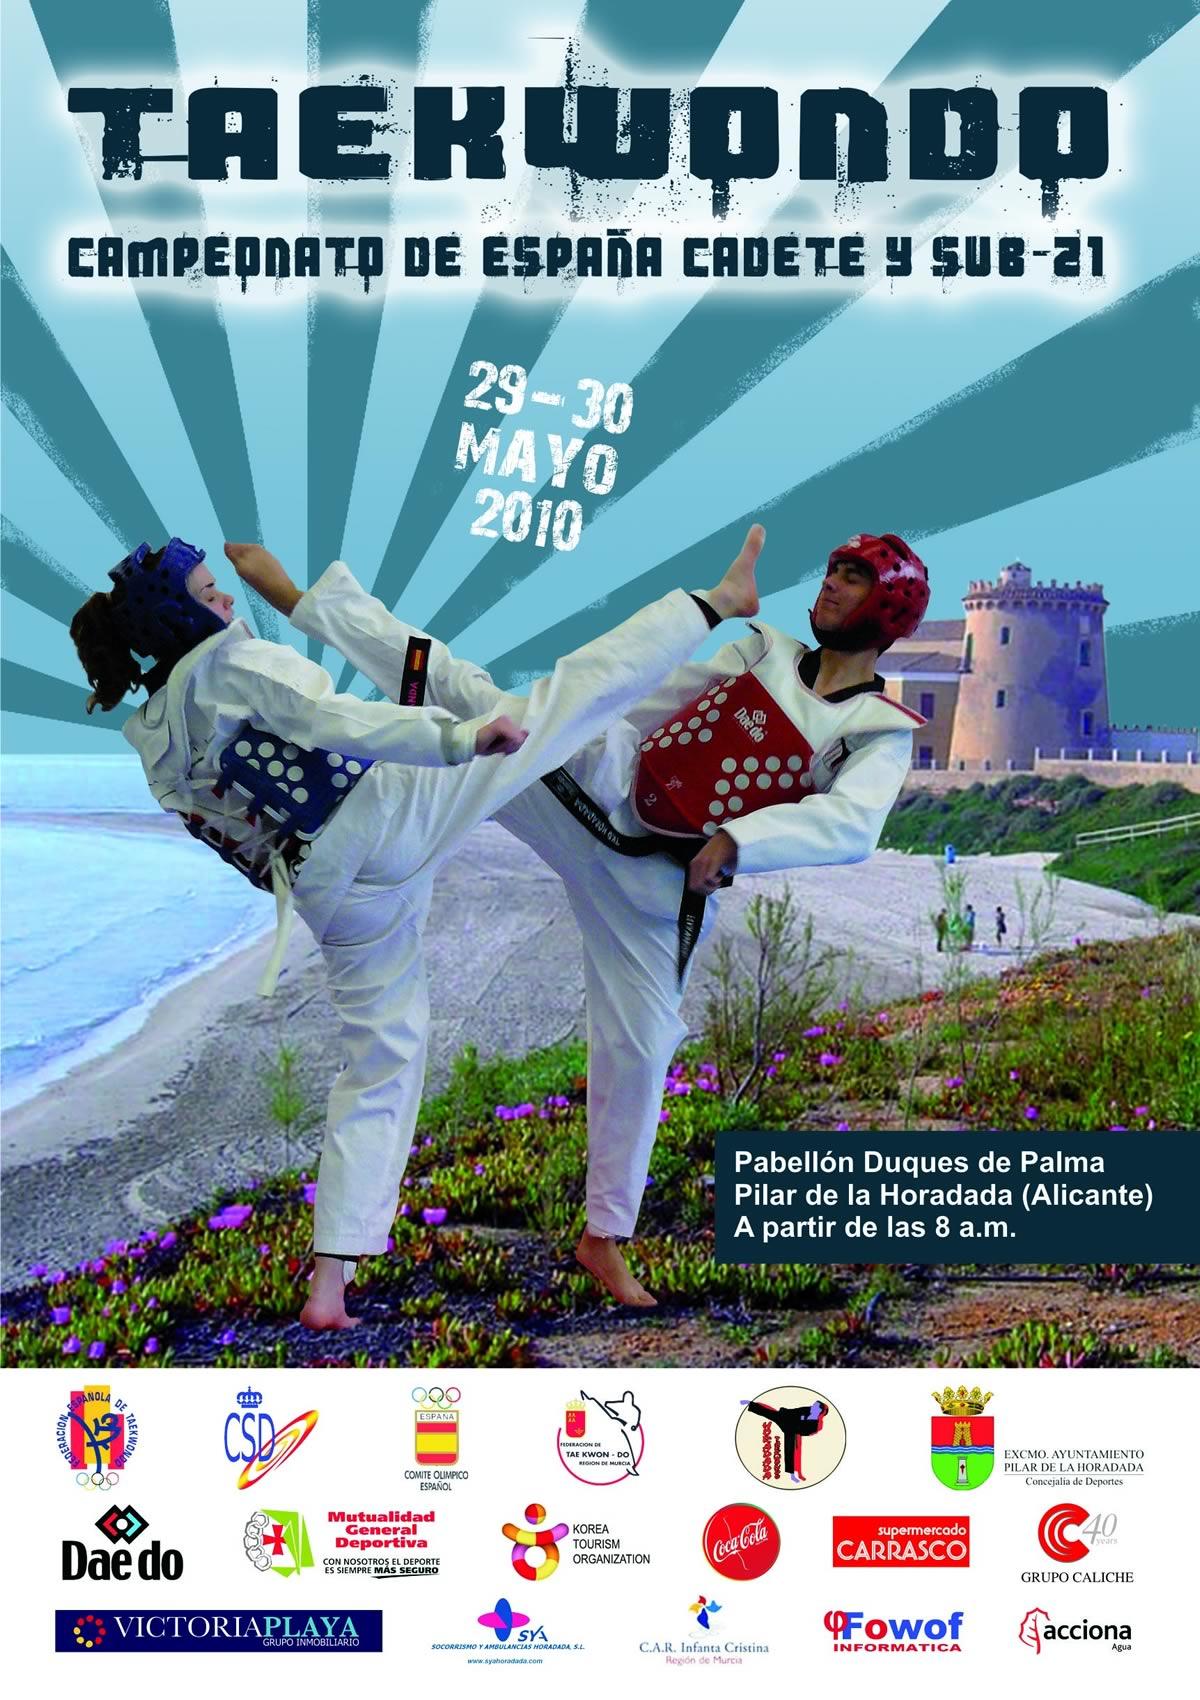 Plakat Spanische Meisterschaft U21 2010